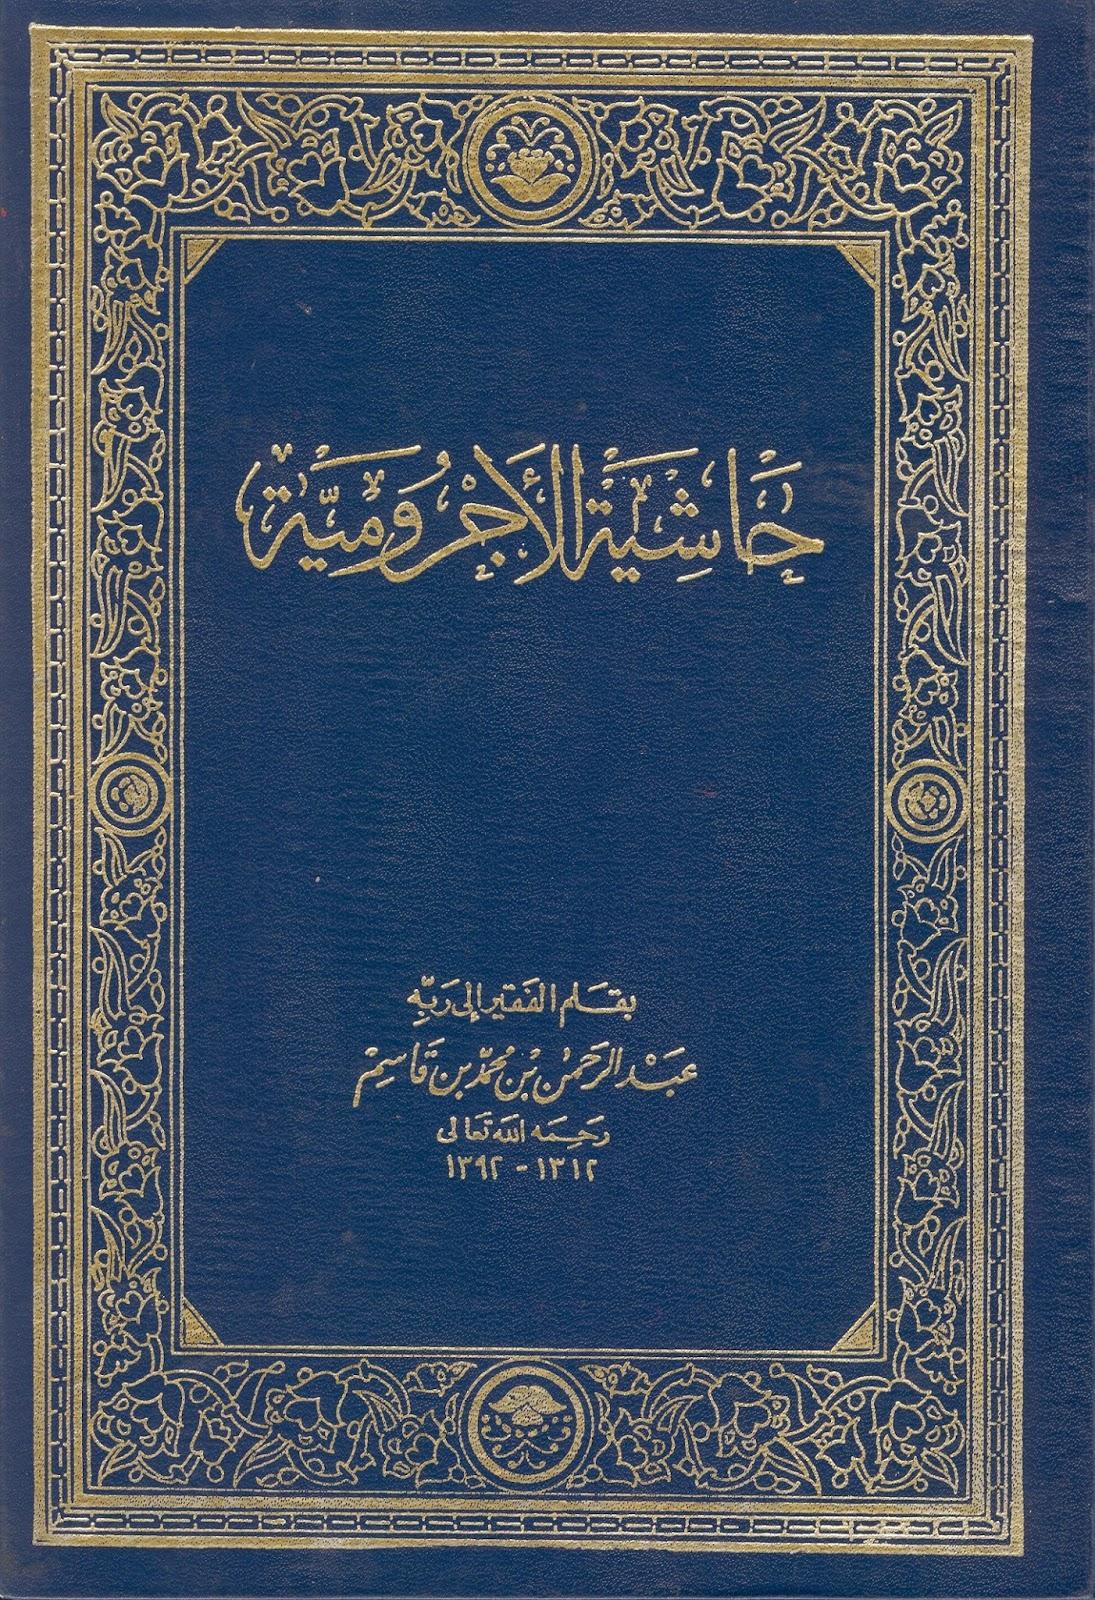 حاشية الآجرومية - عبد الرحمن بن محمد بن قاسم